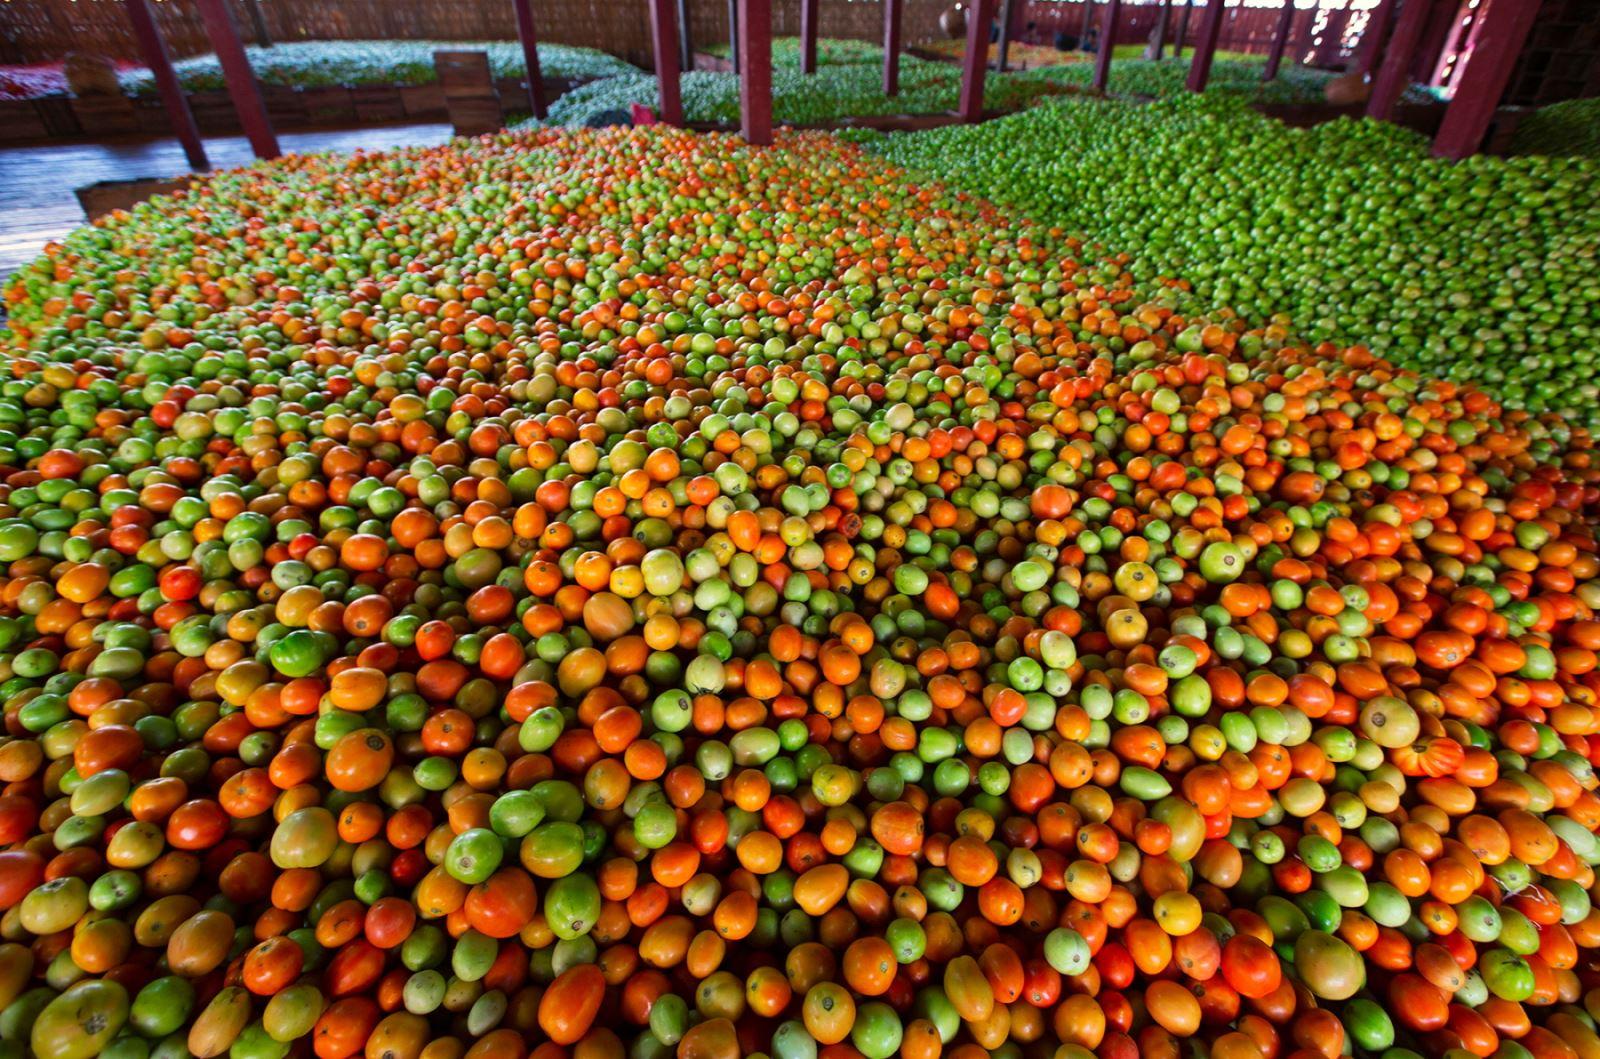 Cà chua sau được thu hoạch kể cả quả còn xanh, được gom về các kho để đóng thùng. Có khoảng hơn 40 kho chuyên thu gom và đóng thùng cà chua ở quanh khu vực hồ Inle.